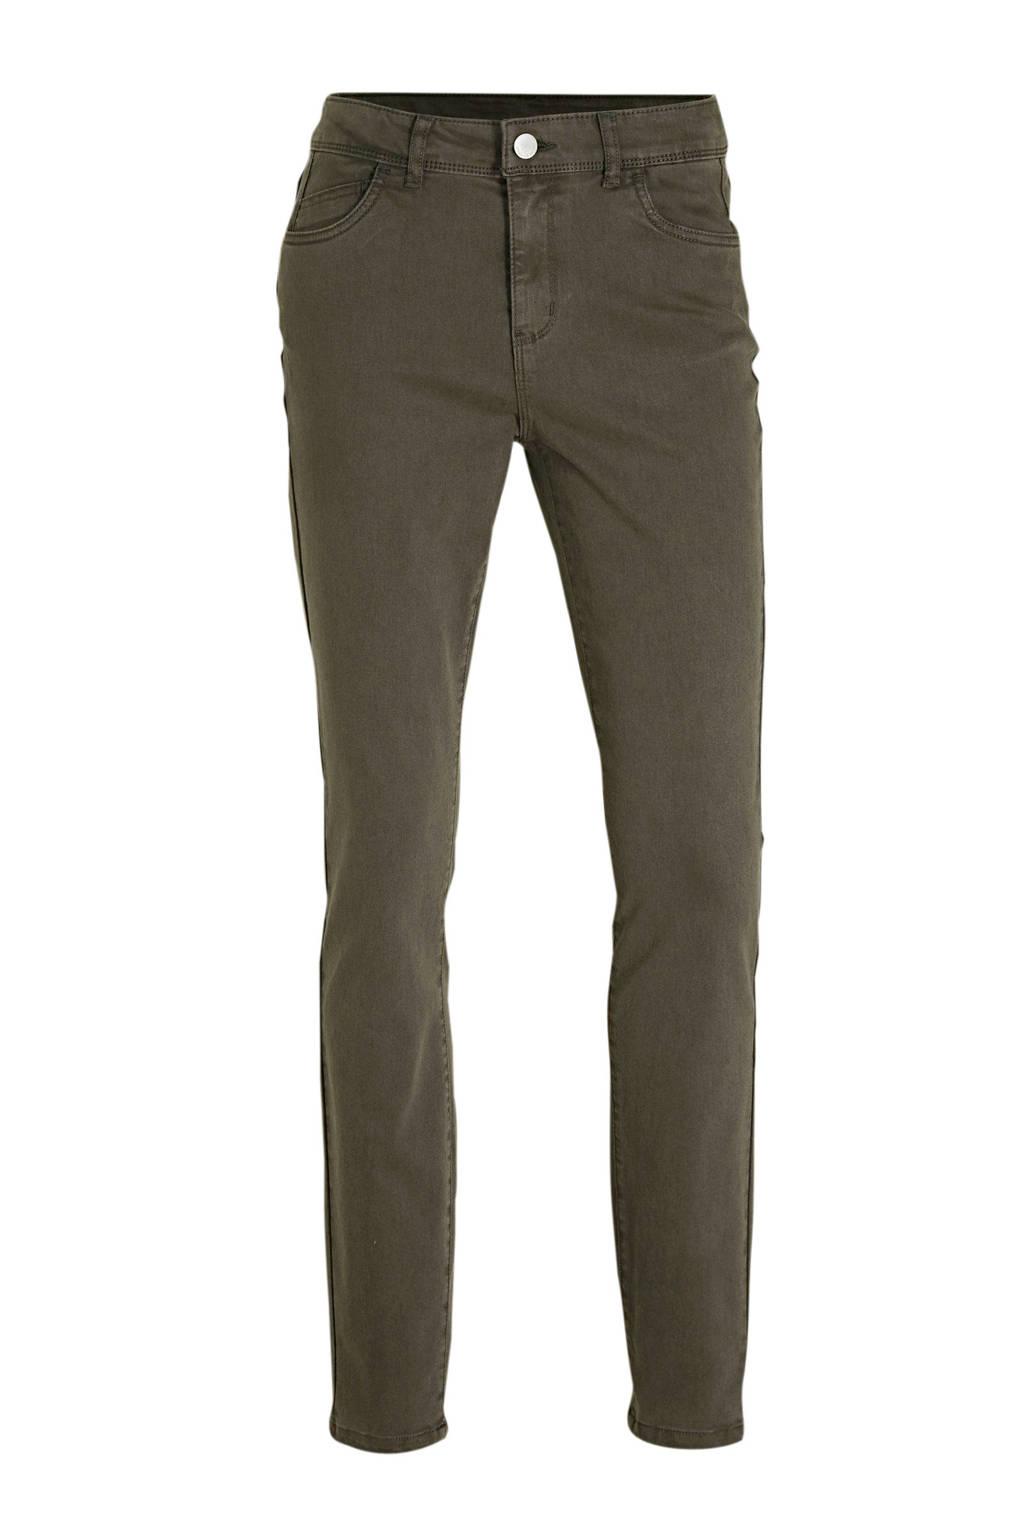 C&A Yessica skinny jeans olijfgroen, Olijfgroen